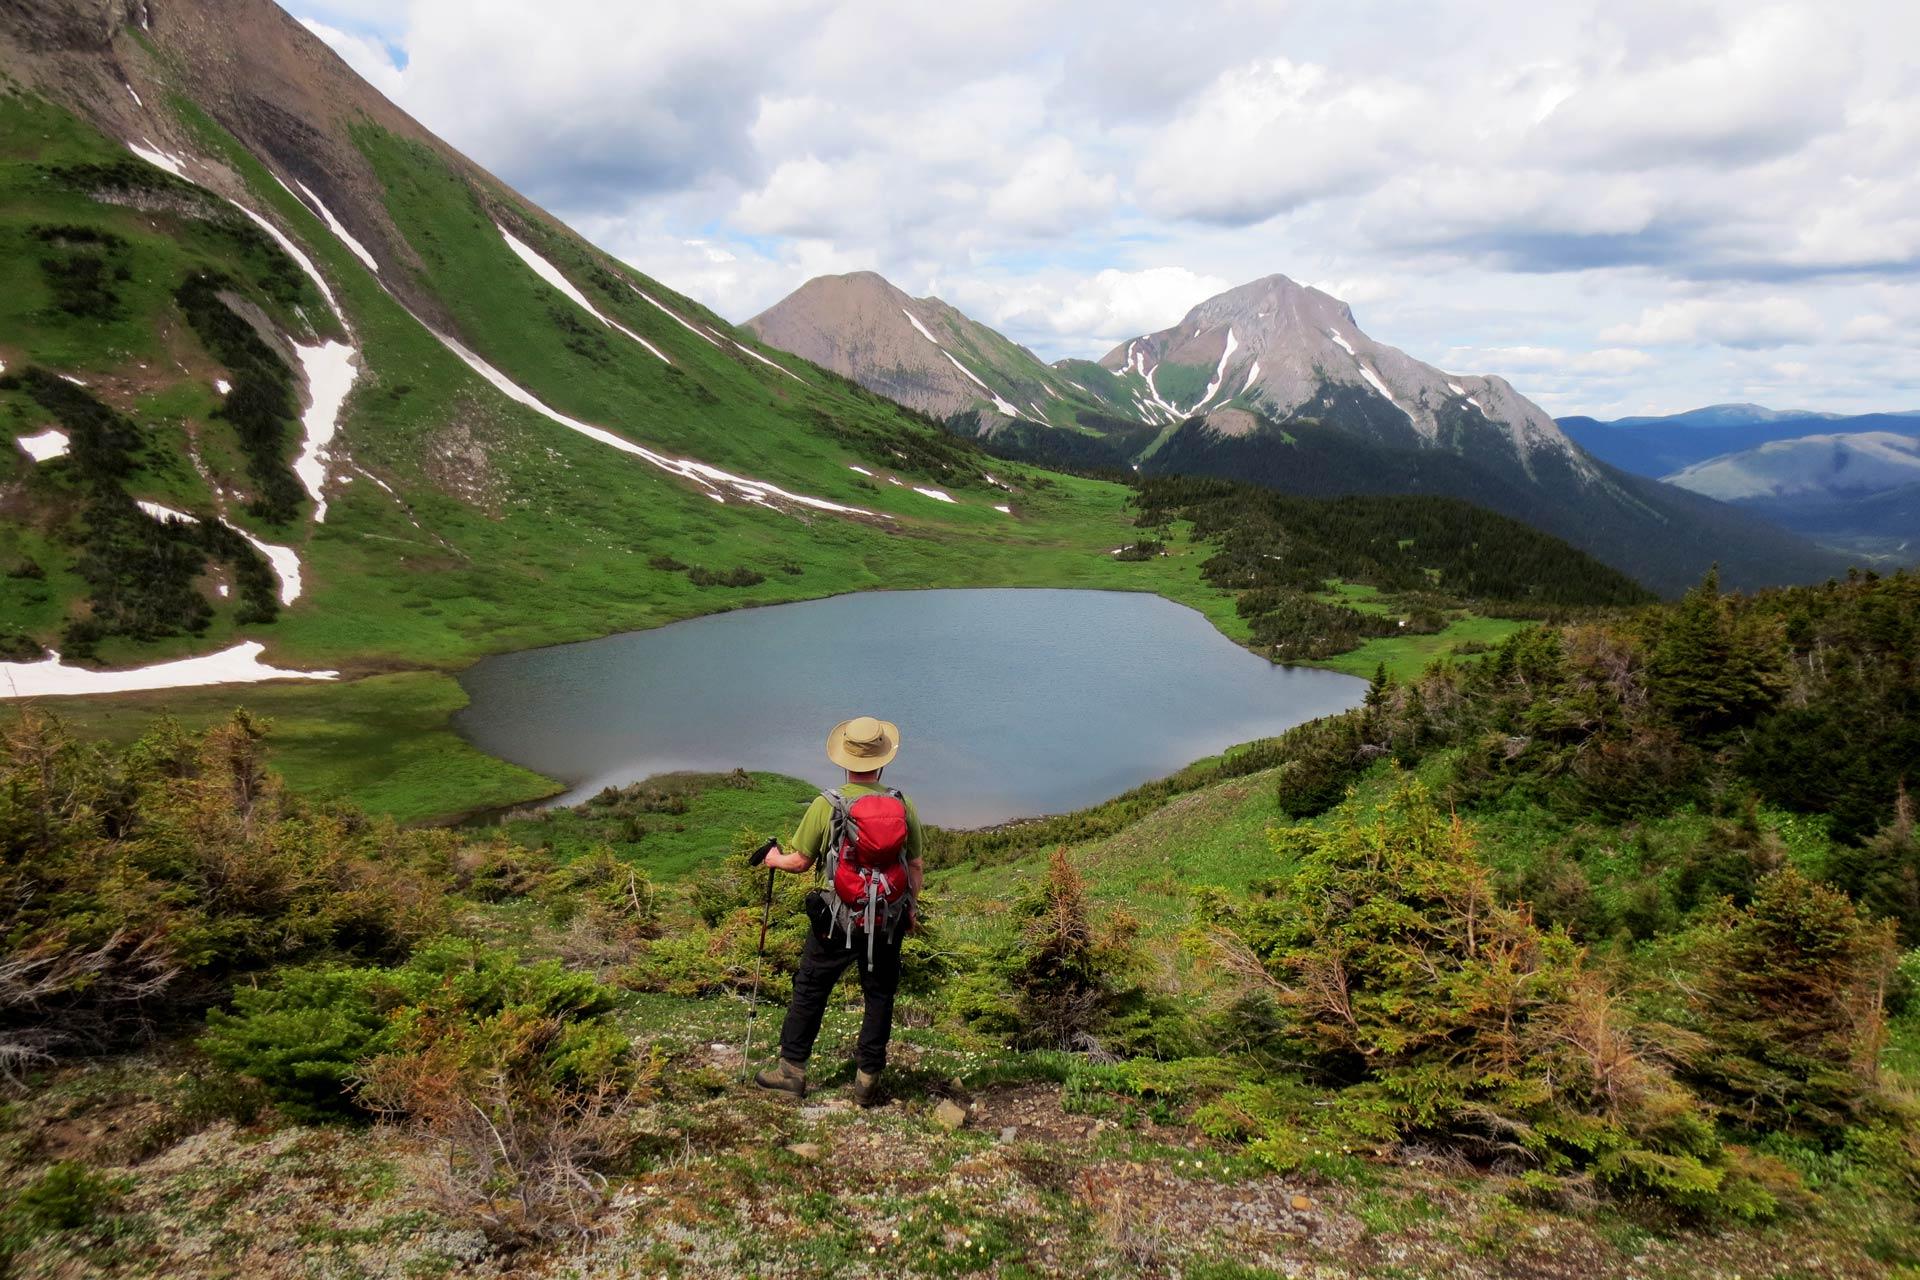 Kevin Sharman at Windfall Lake